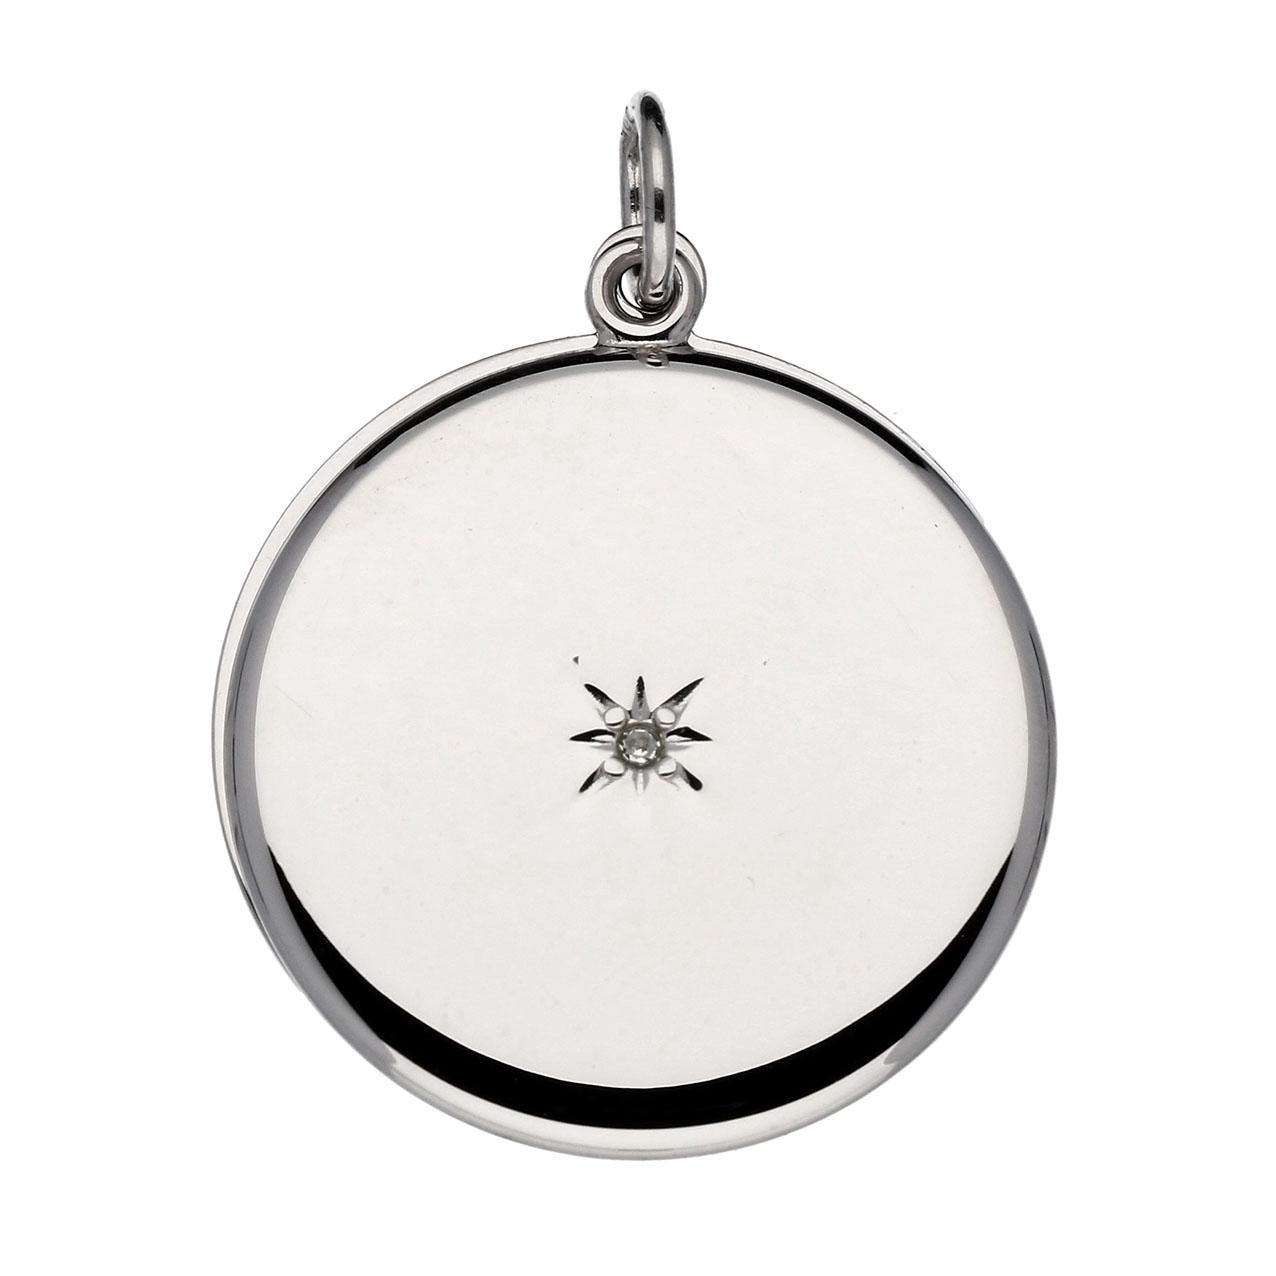 Lifetime Love Zilveren Hanger Medaillon Rond met Diamant 0.005 - 22 mm 145.0121.00